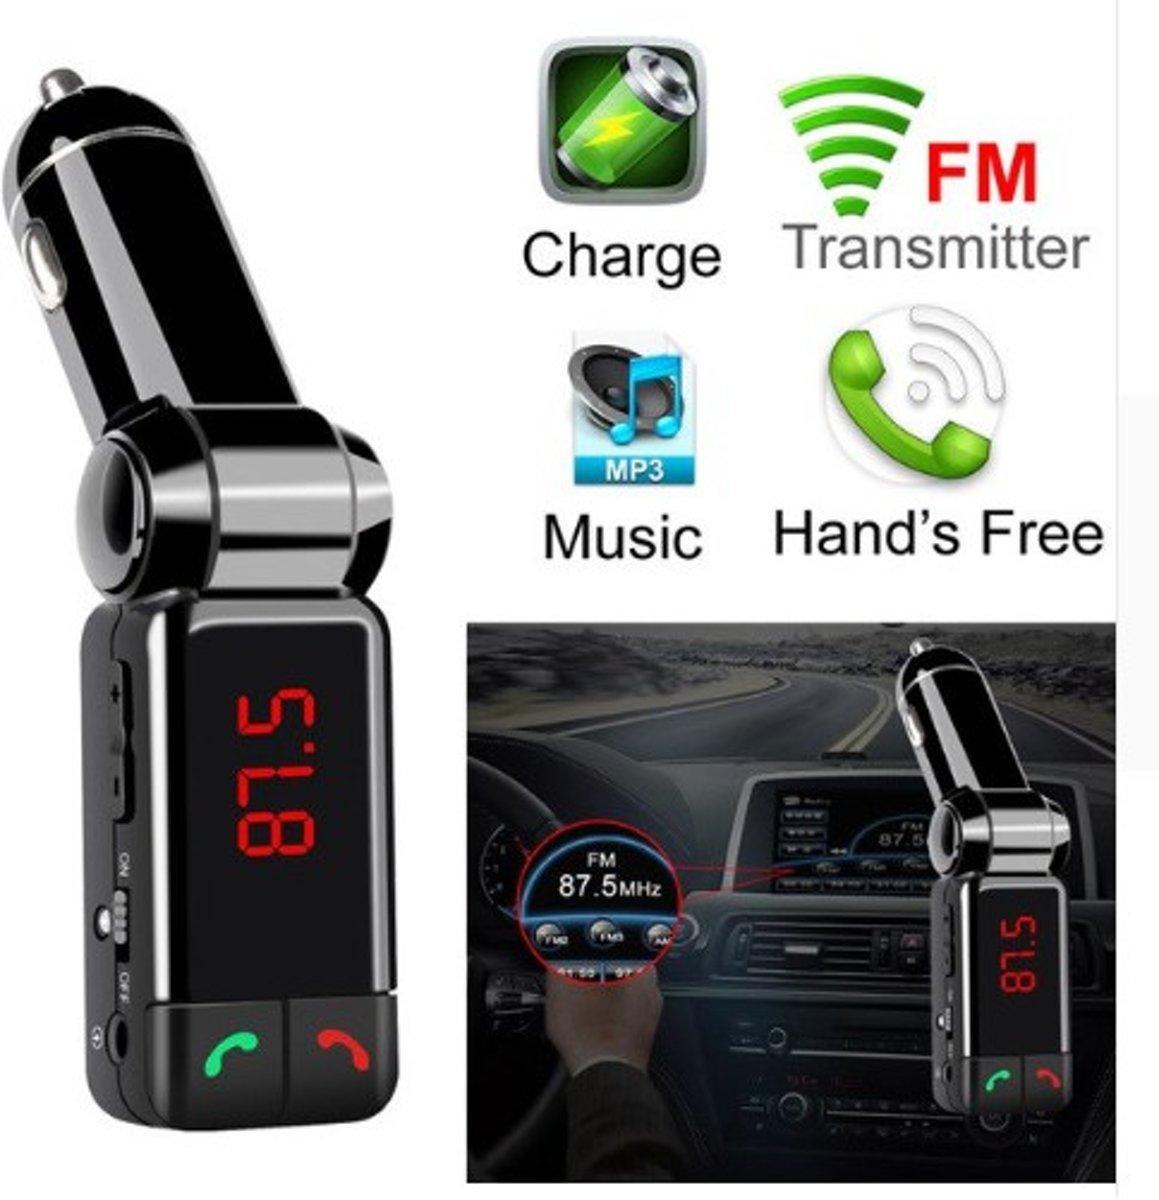 DrPhone BC3 - 5 in 1 Universele Draadloze Bluetooth Handsfree-carkit met FM transmitter/ AUX ingang/ Ondersteunt MICRO USB kaart / SD kaart + USB poort & Dubbele USB 2.1A poorten geschikt om uw smartphone op te laden - Zwart kopen